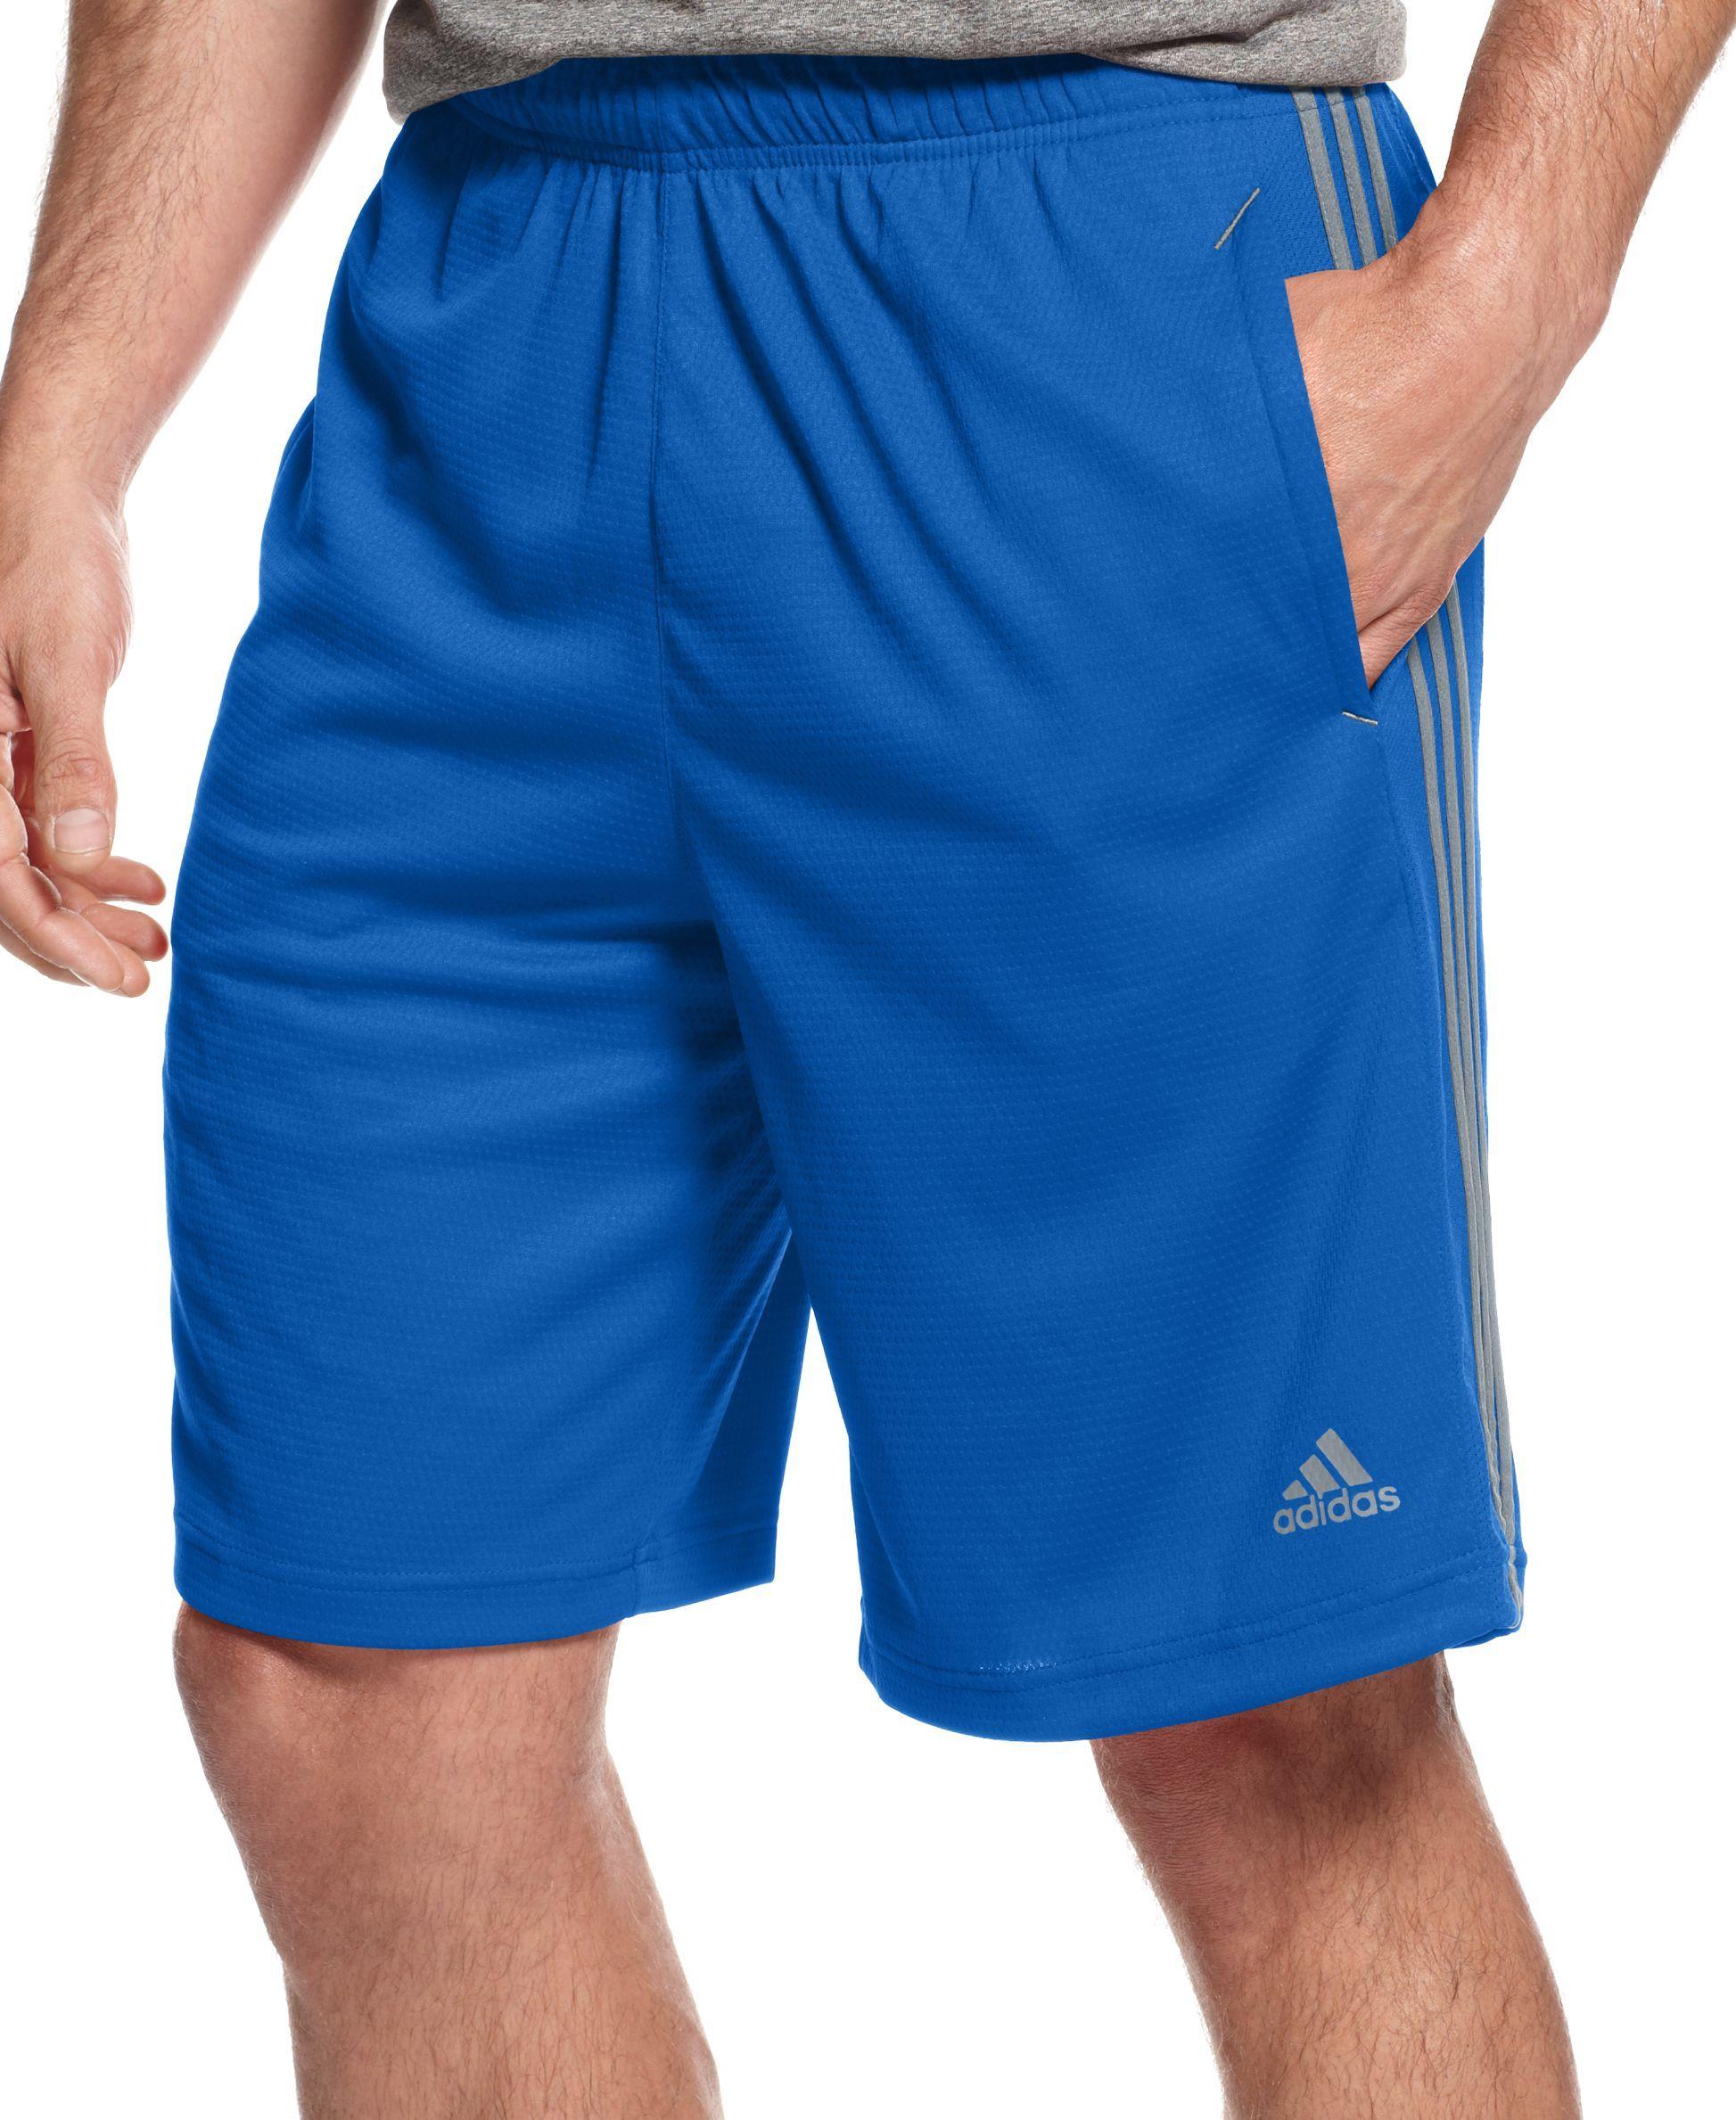 adidas shorts essential